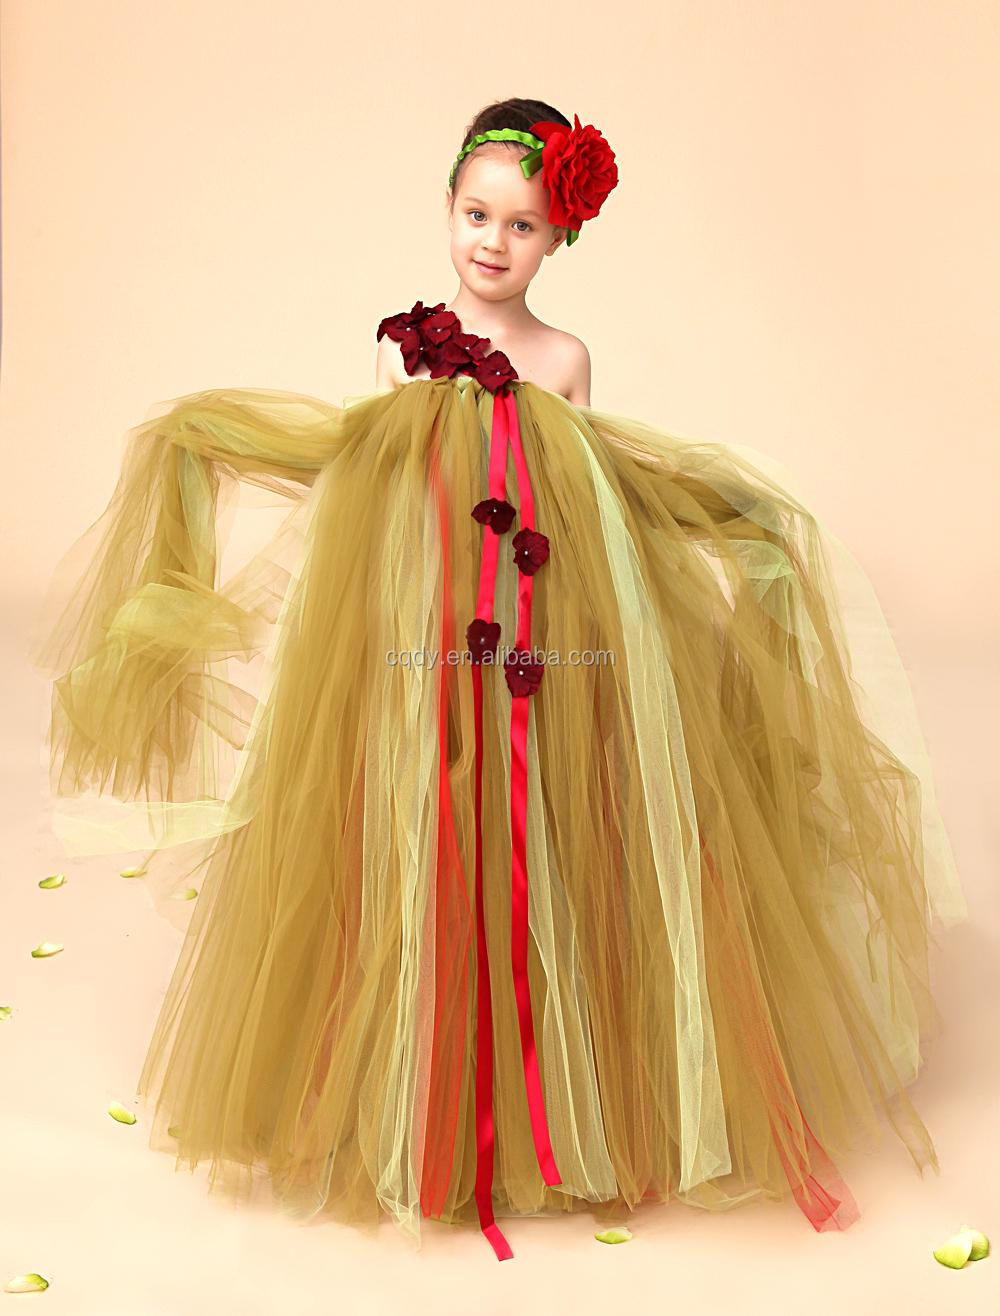 2016 Neue Koreanische Modell Kleid Kinder Hochzeitskleid/mädchen ...